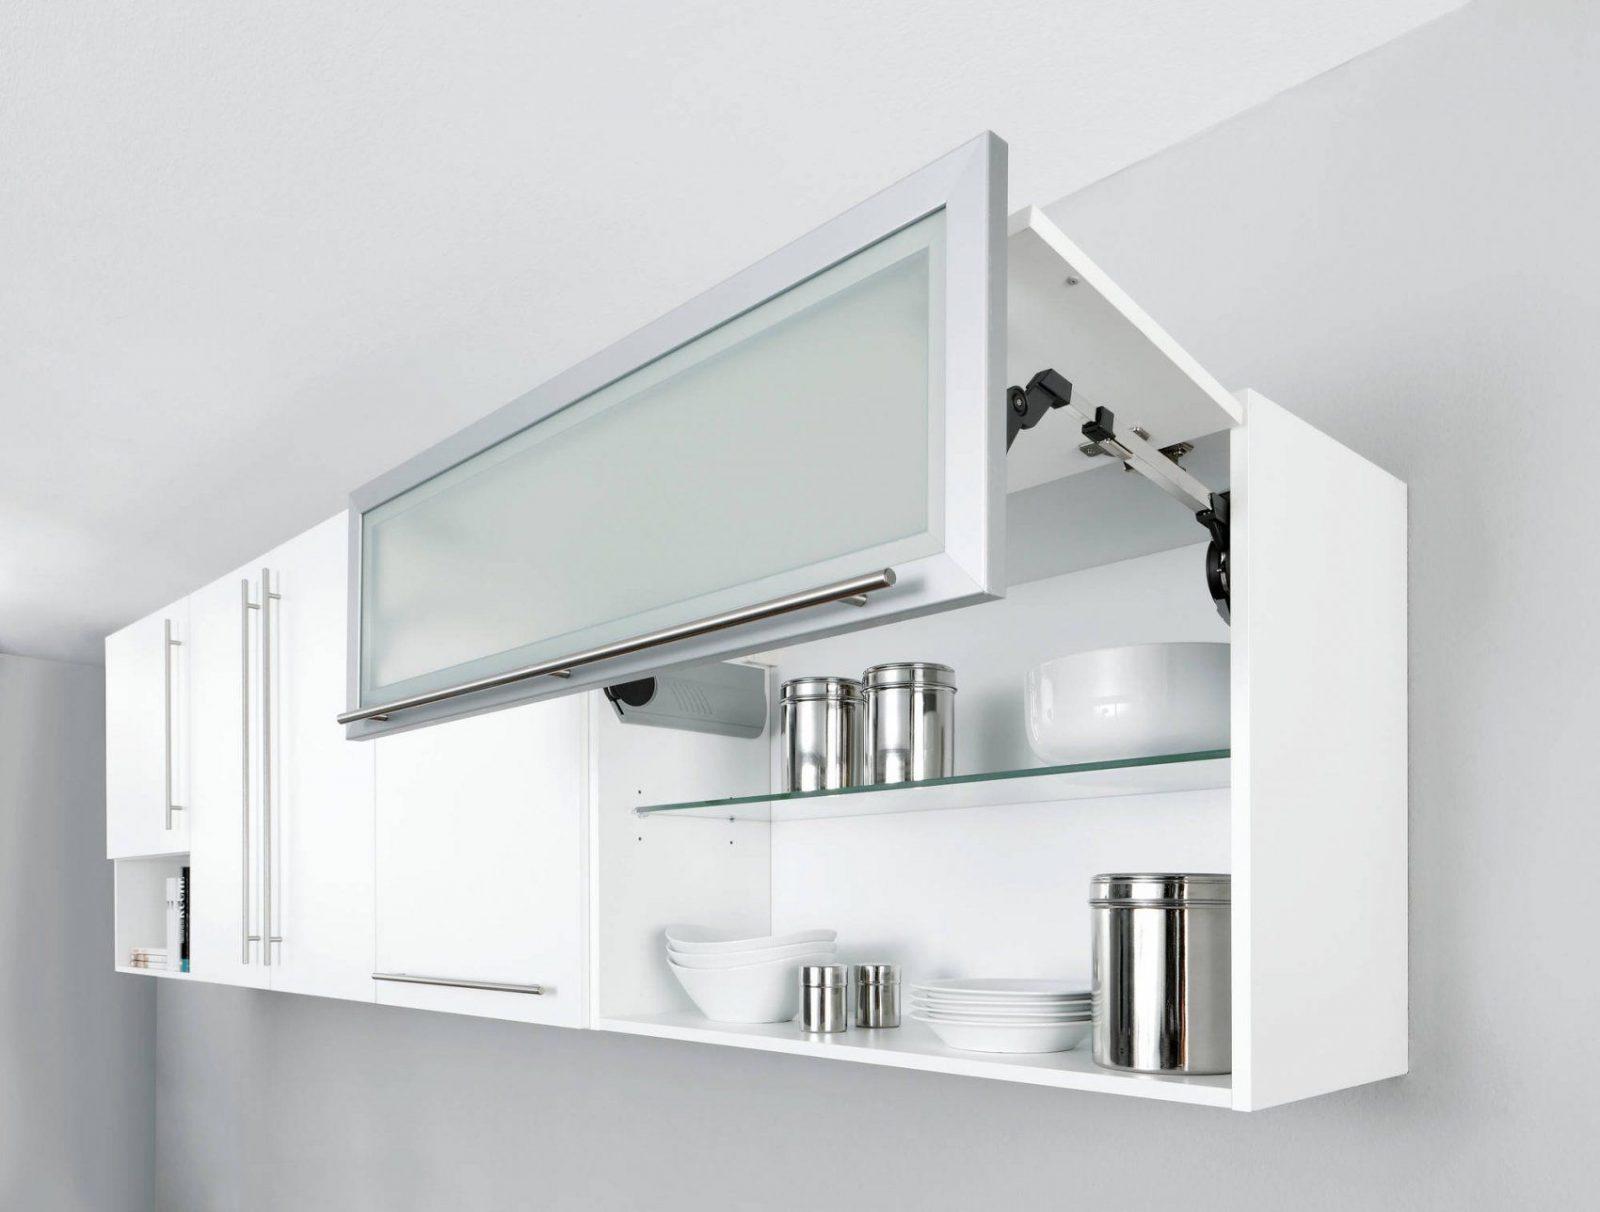 Kuechen Haengeschrank Glas Cool Küchen Hängeschrank Glas von Küchen Hängeschrank Mit Schiebetüren Photo